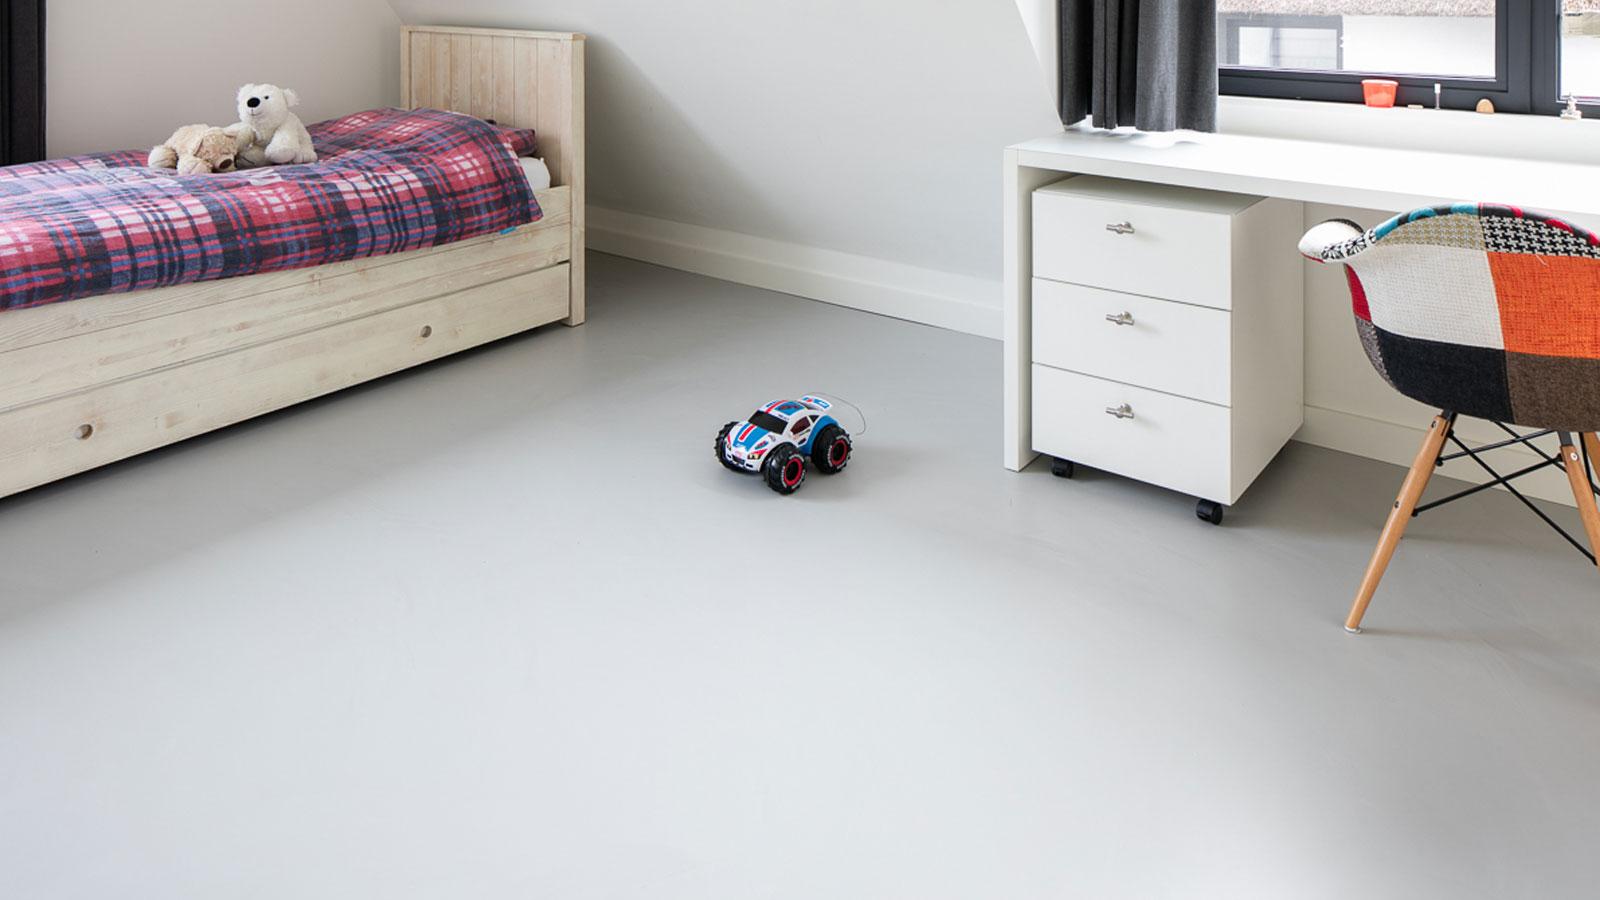 Gietvloer Den Bosch : Gietvloer brabant voor woningen of woonkamer keuken toilet